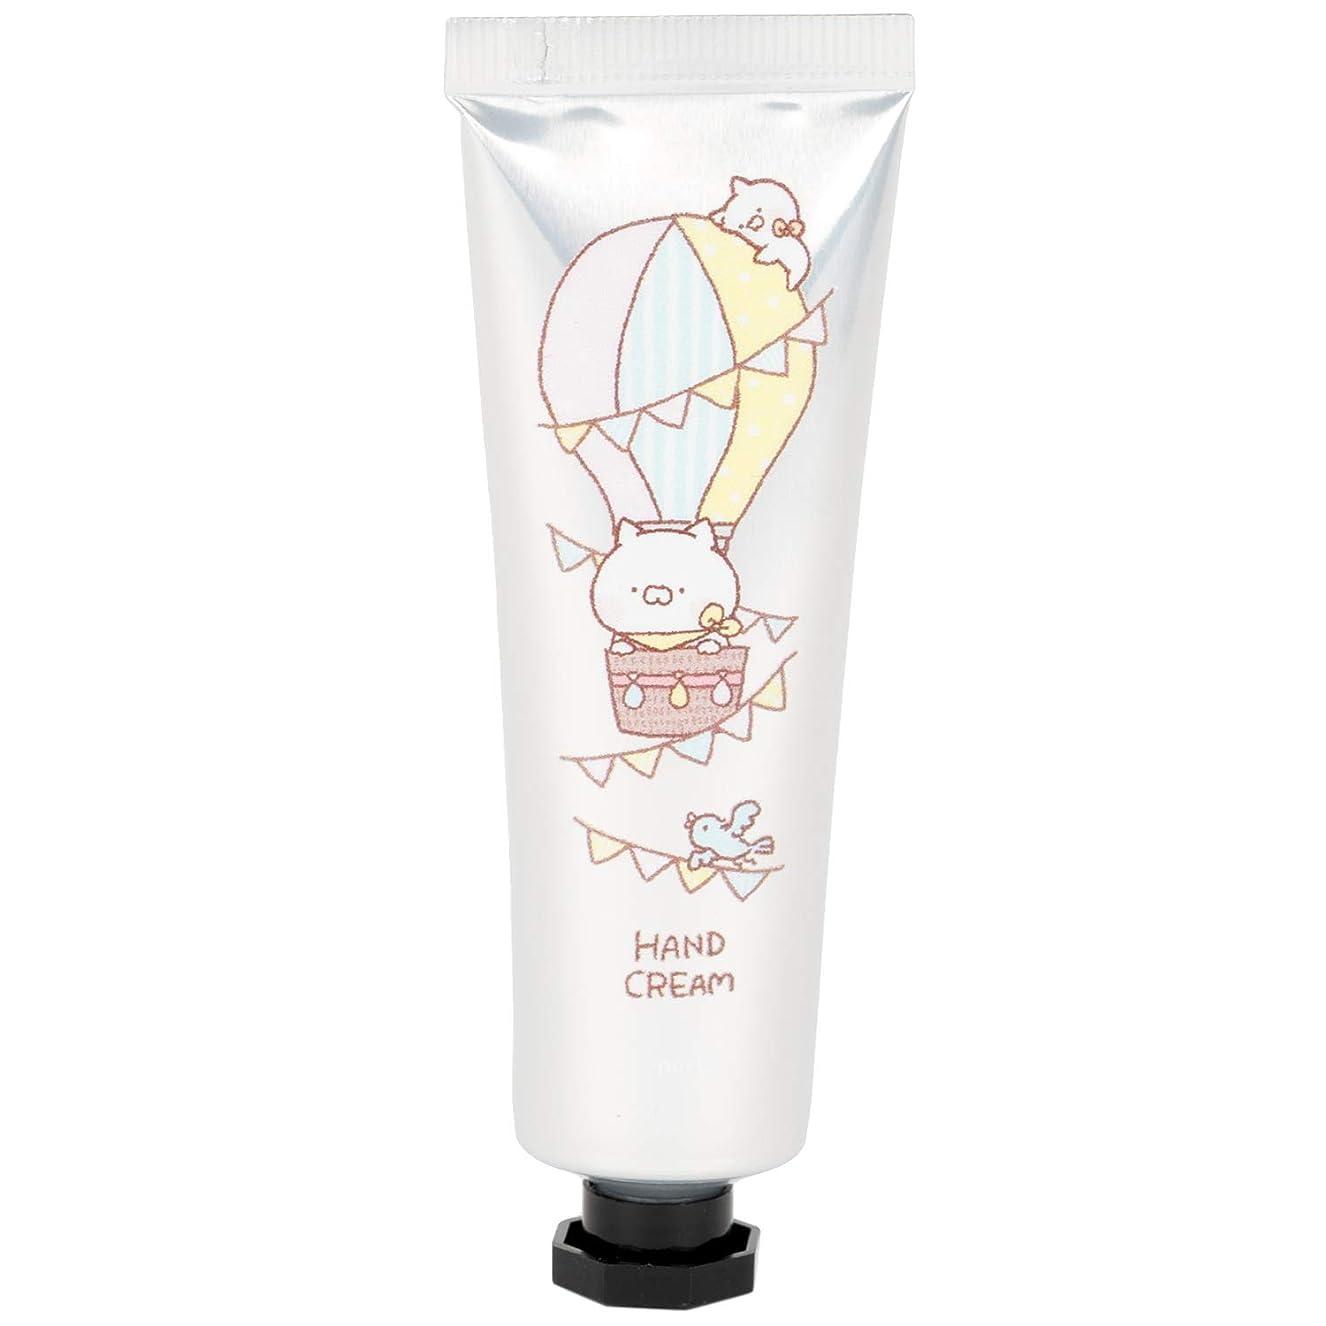 概要国家メッセージこどもにゃんこ ハンドクリーム 保湿成分配合 ラズベリーの香り 27g ABD-063-001